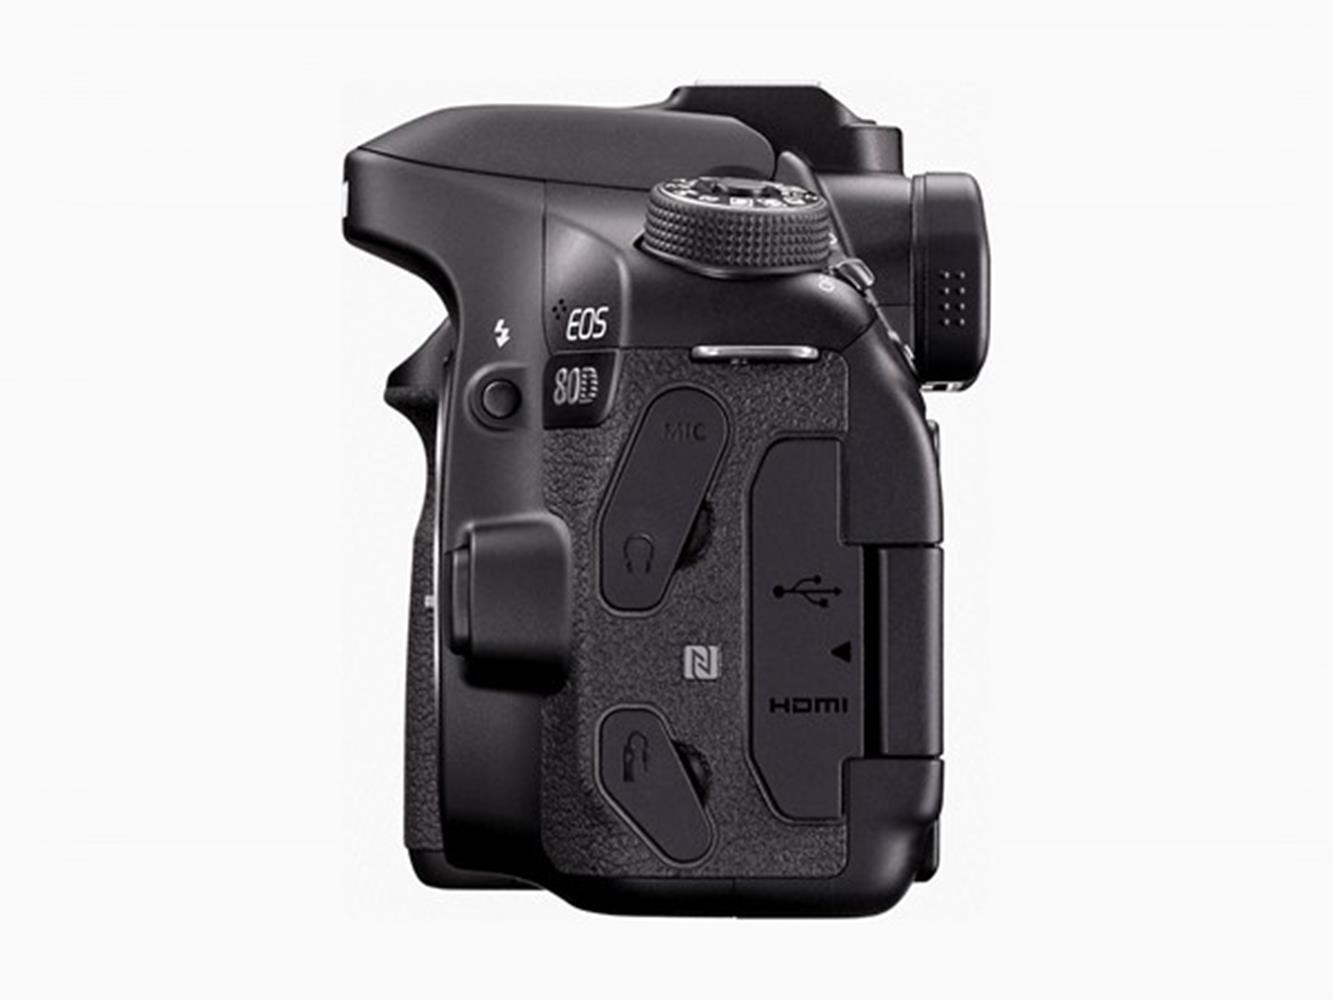 Henrys com : CANON EOS 80D W/EF-S 18-135 IS USM LENS